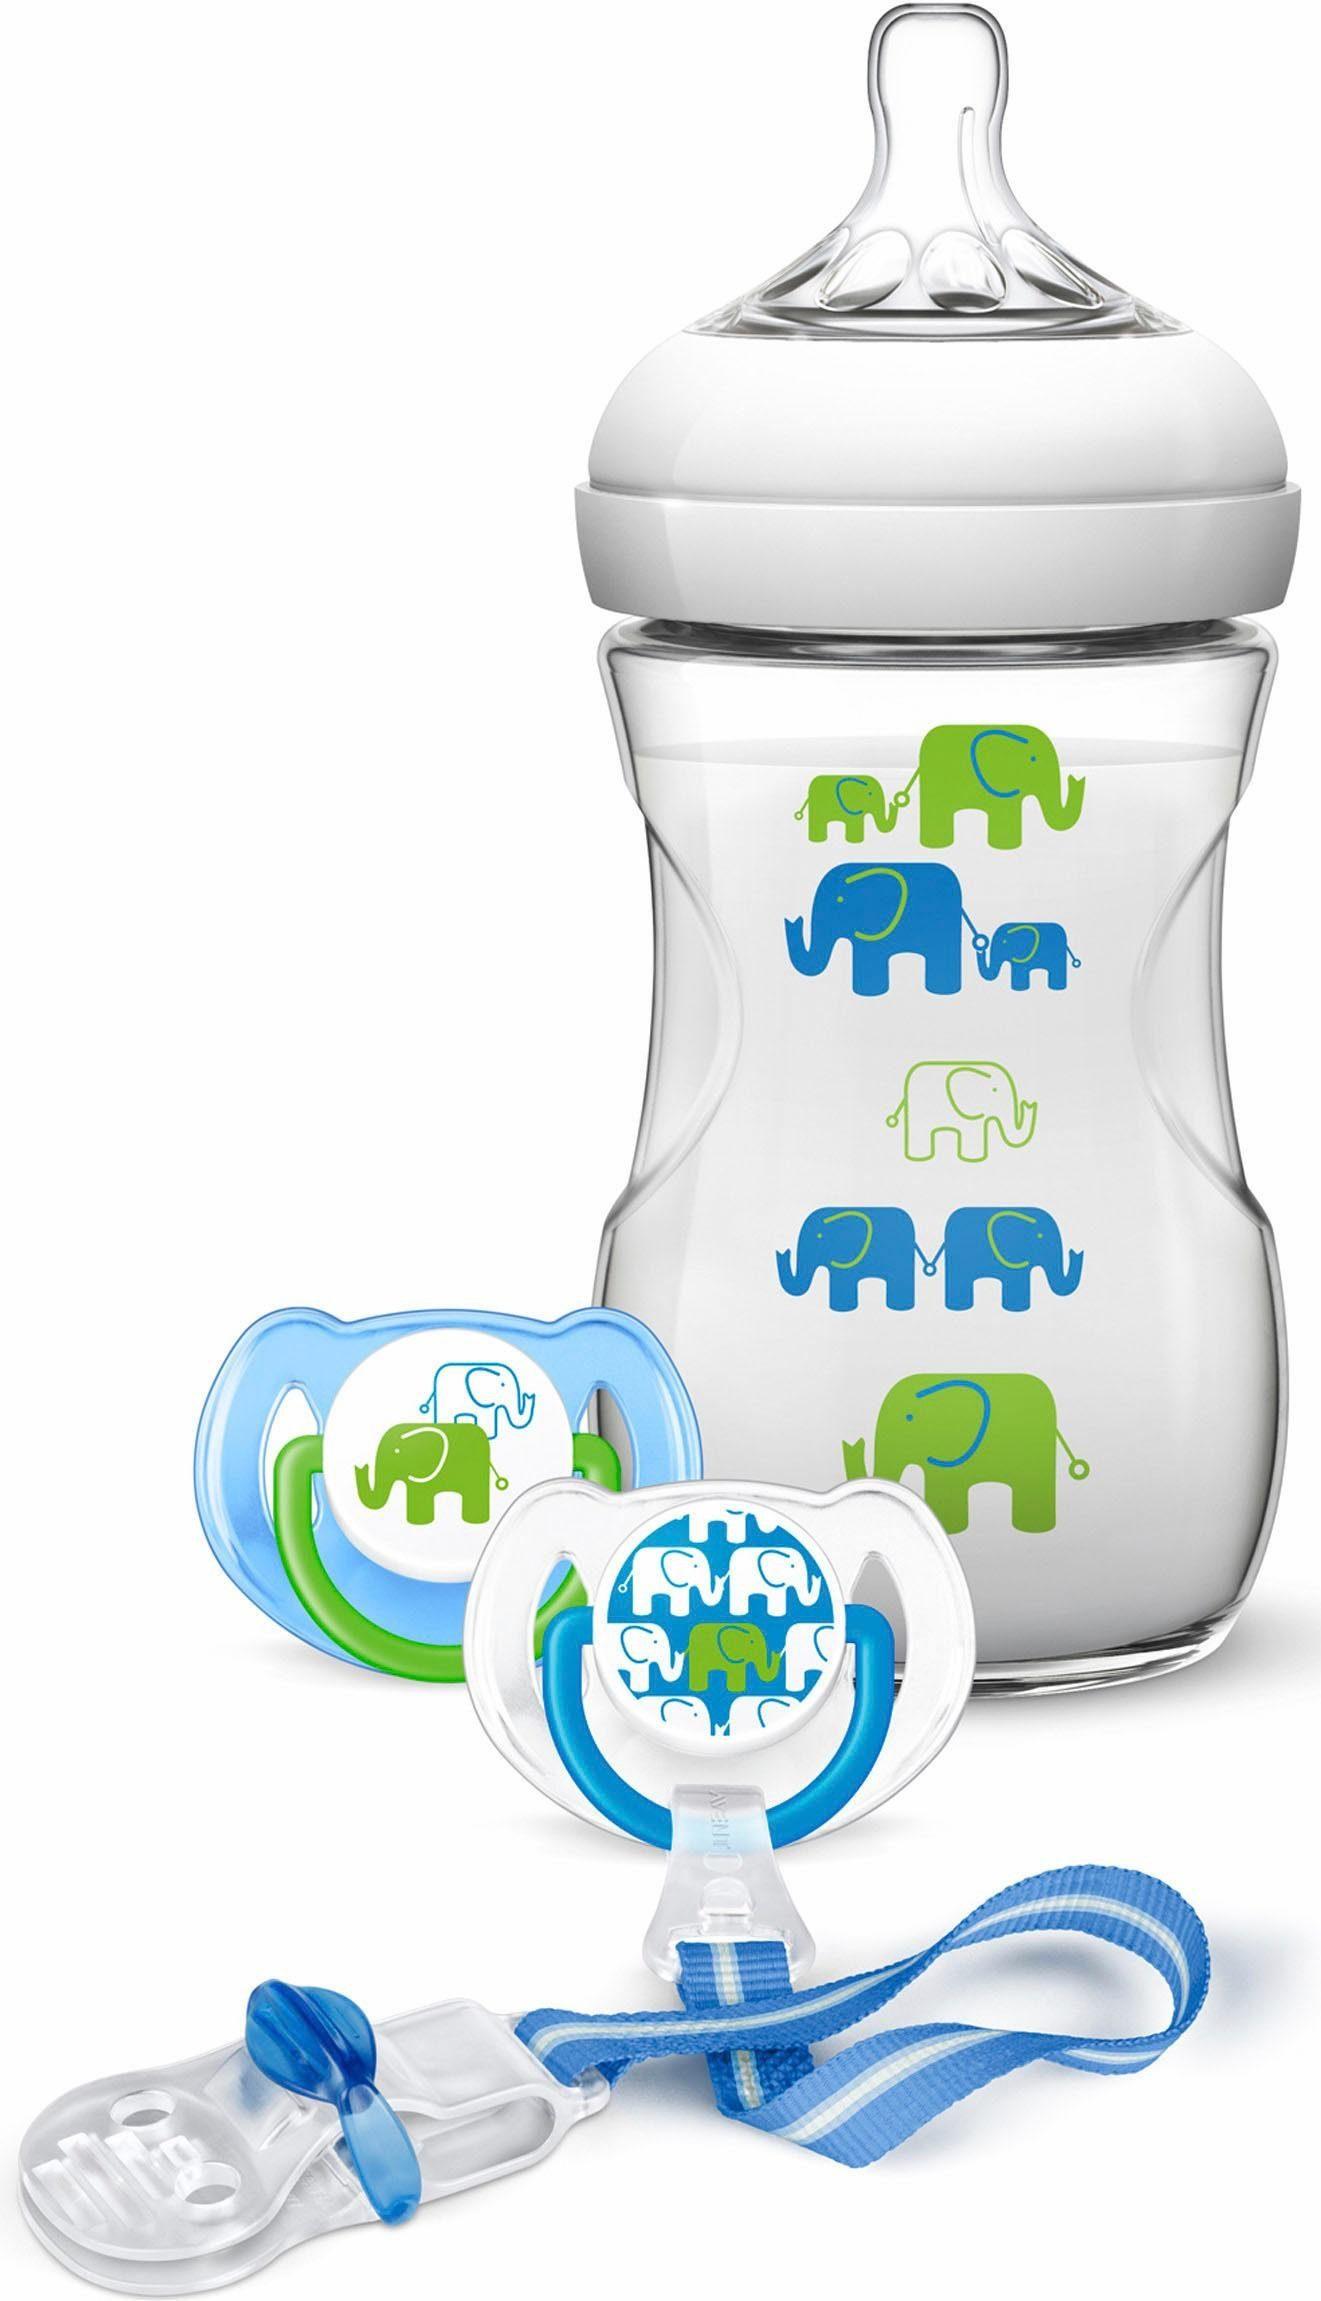 Philips Avent Naturnah-Babyfläschchen SCD627/01, Elefanten Geschenk-Set für Jungen